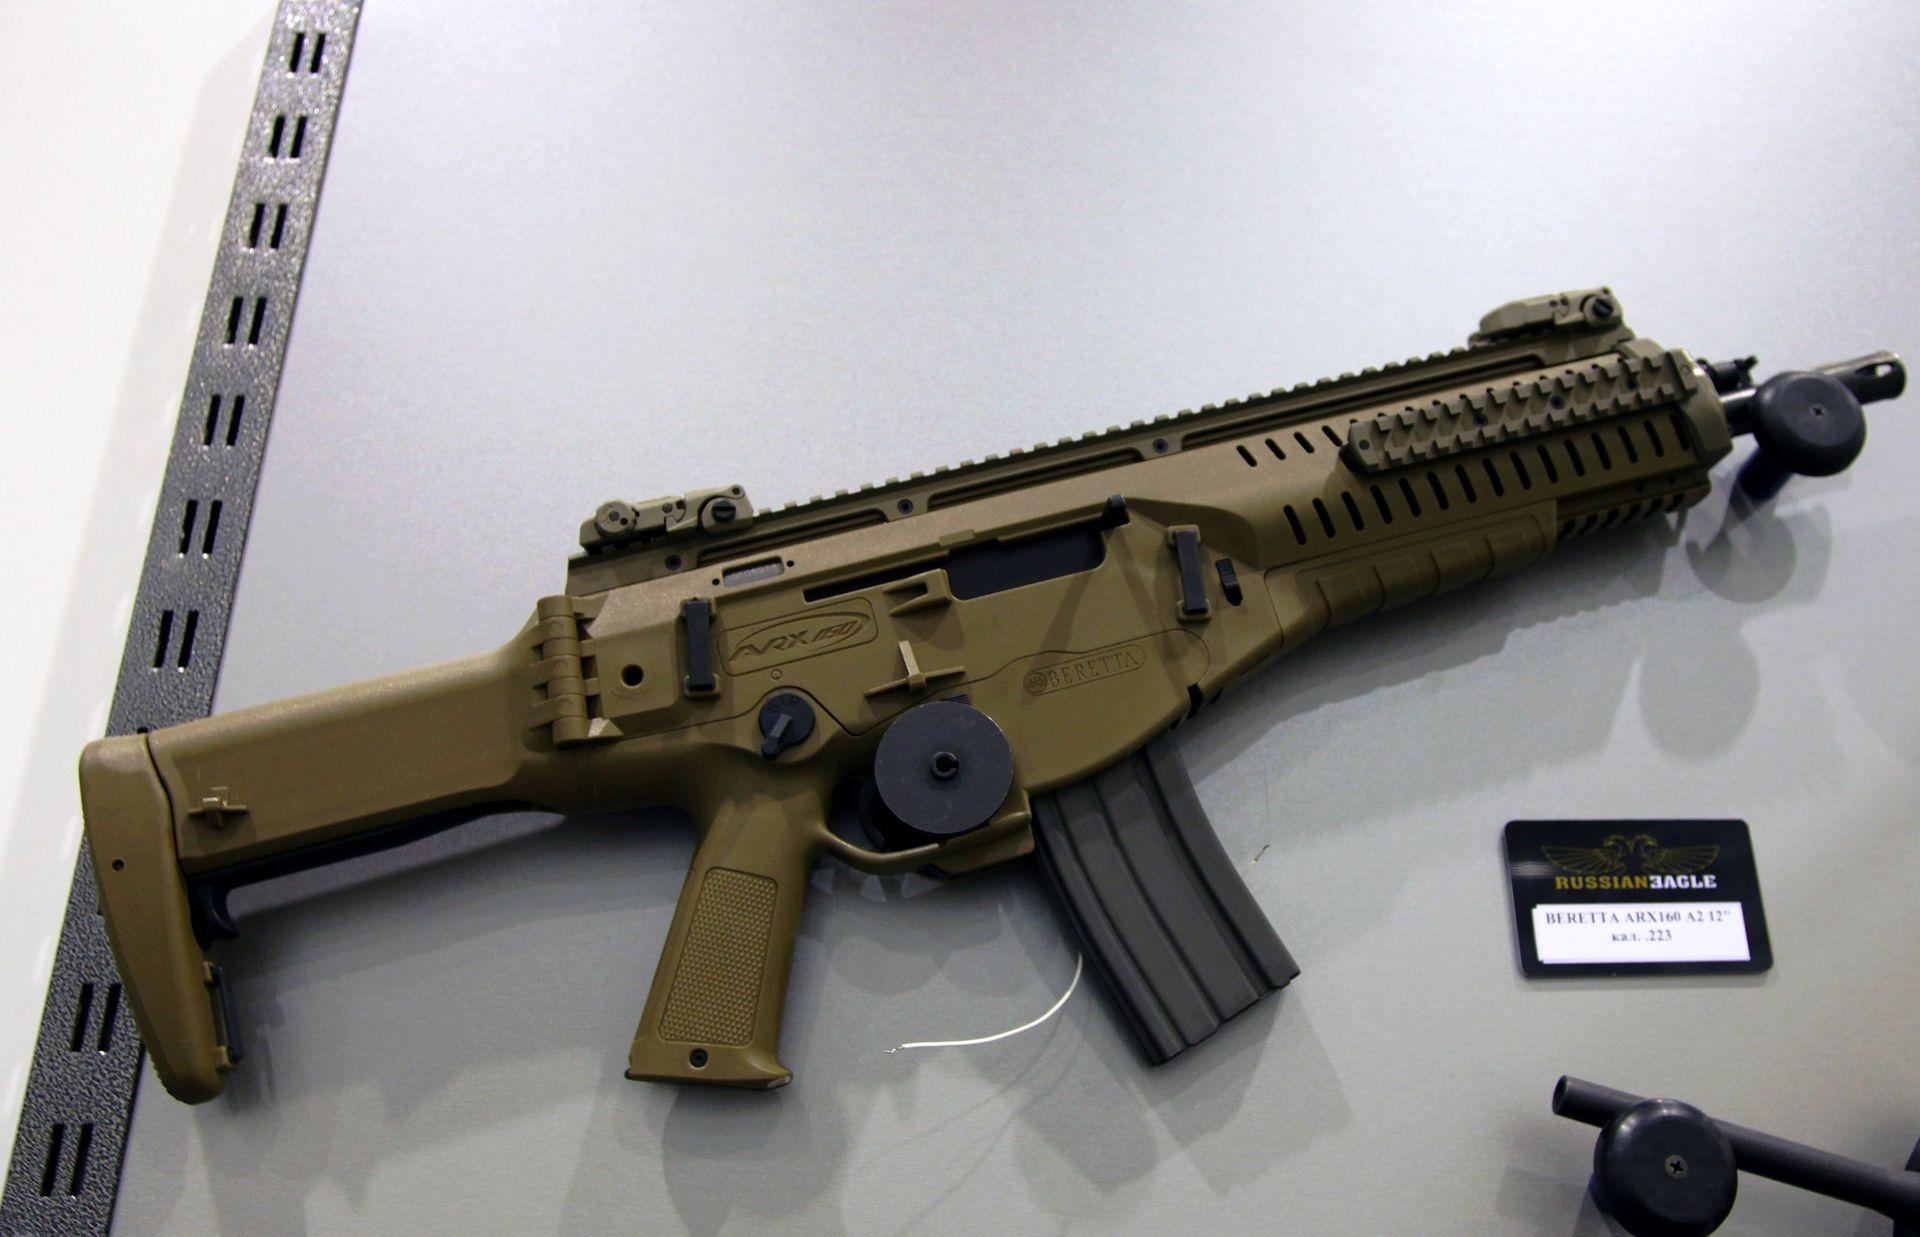 arx160a2 version modello a2